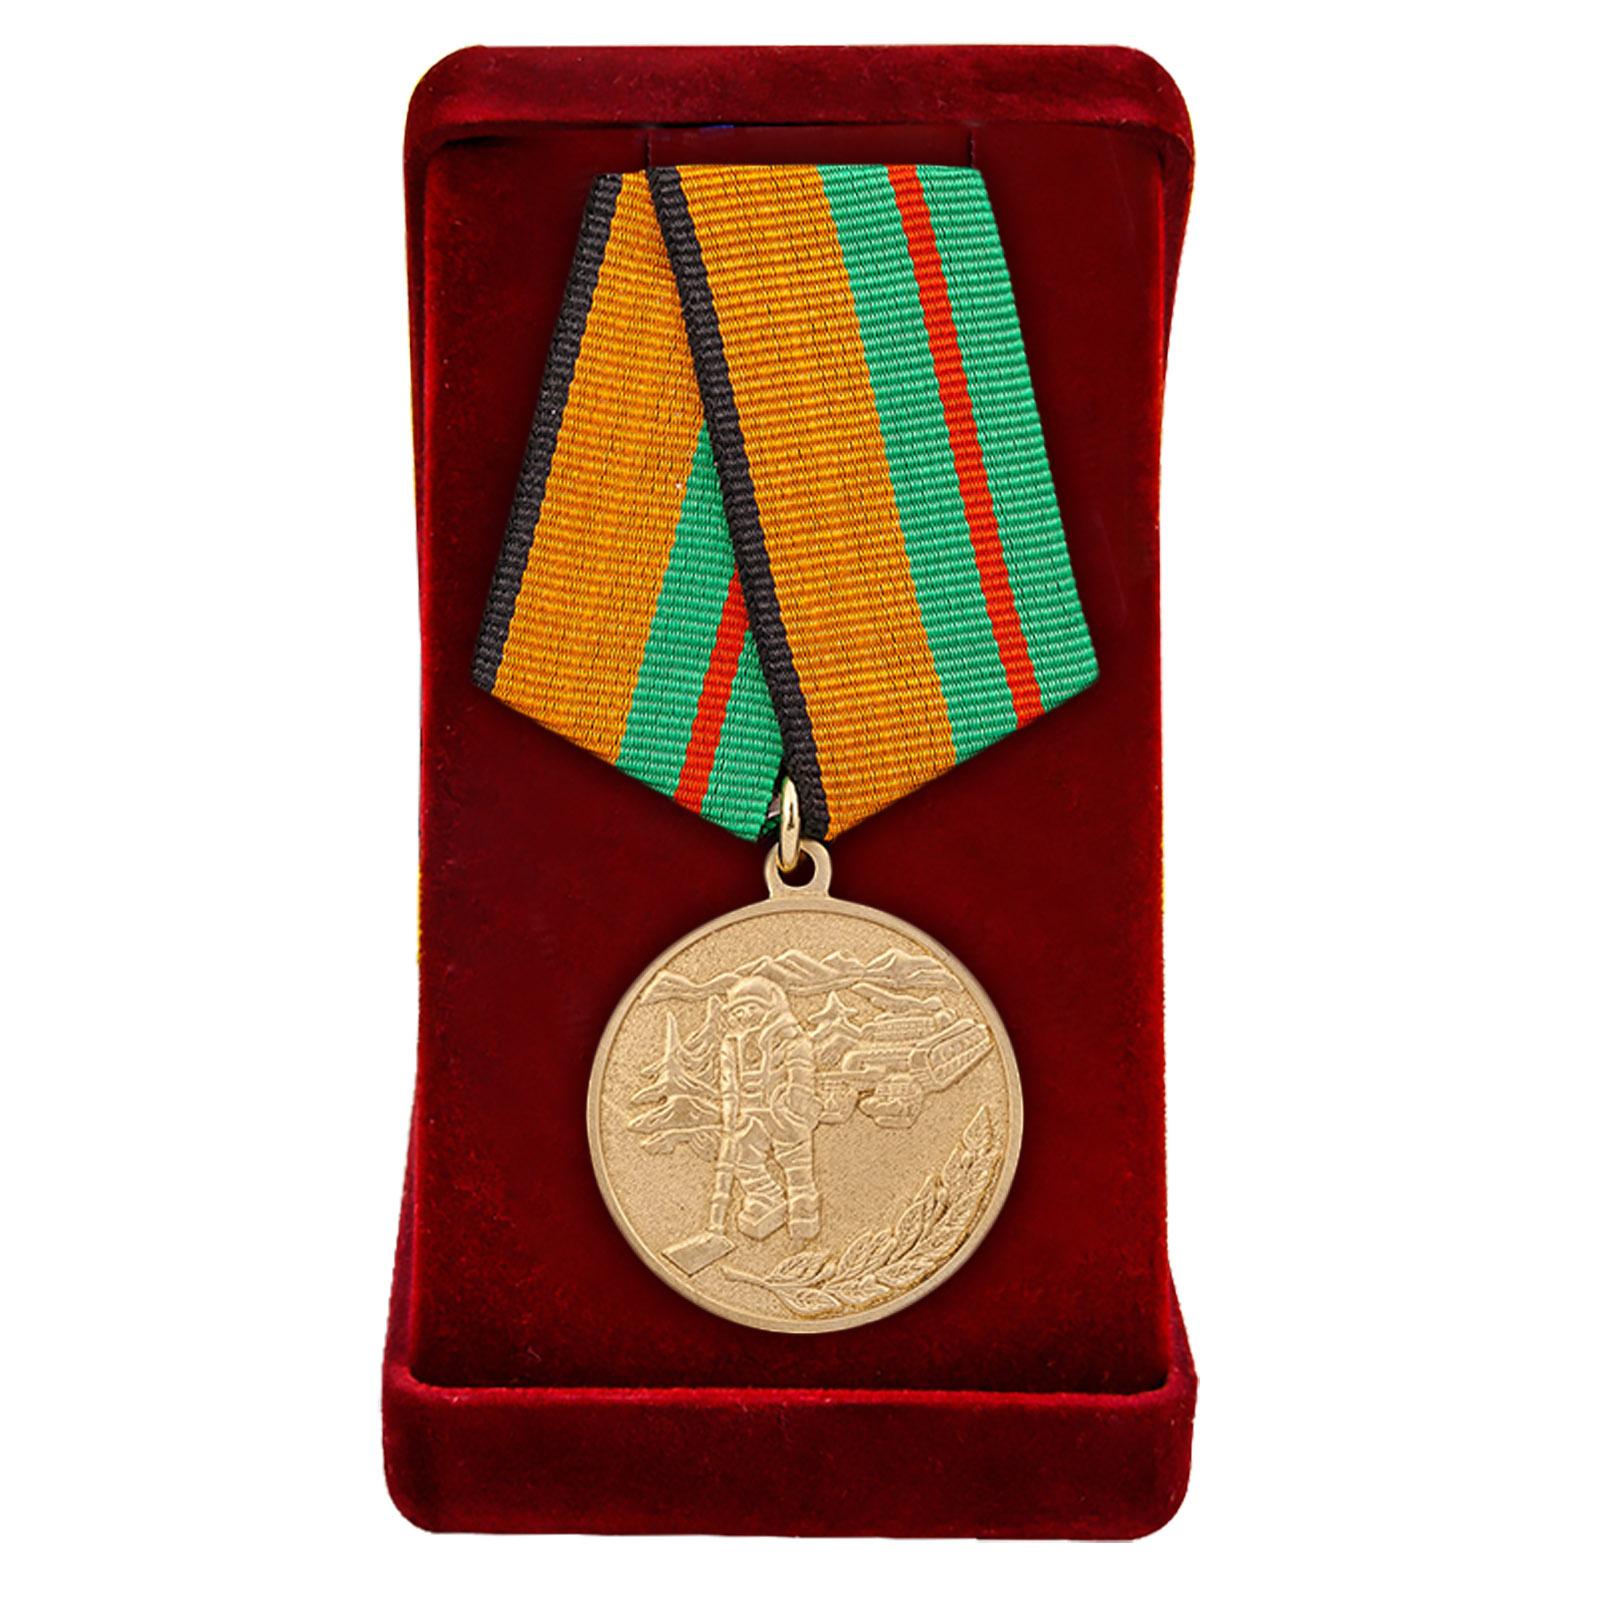 Купить медаль За разминирование МО РФ оптом или в розницу